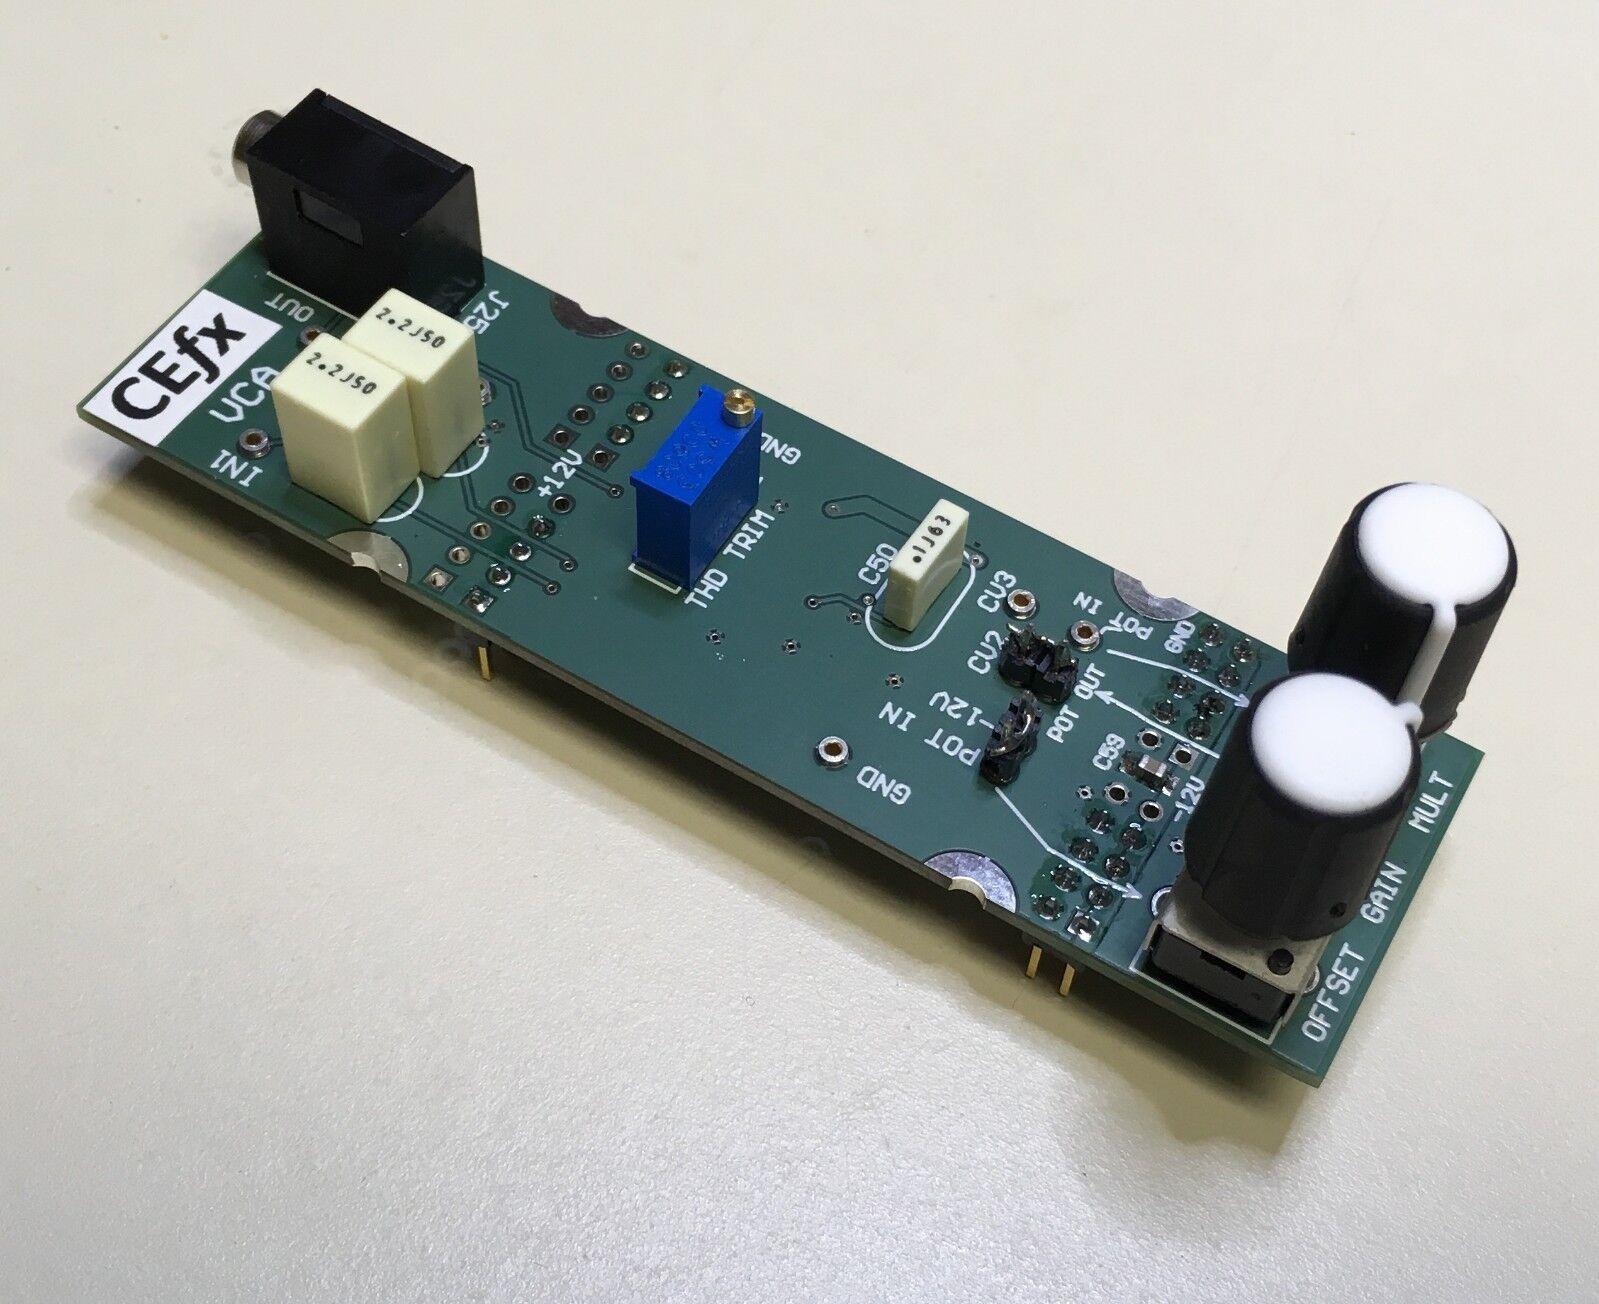 Módulo Módulo Módulo De Sintetizador CEFX projooboard sin soldadura placa amplificador controlado por voltaje Vca ac87a5